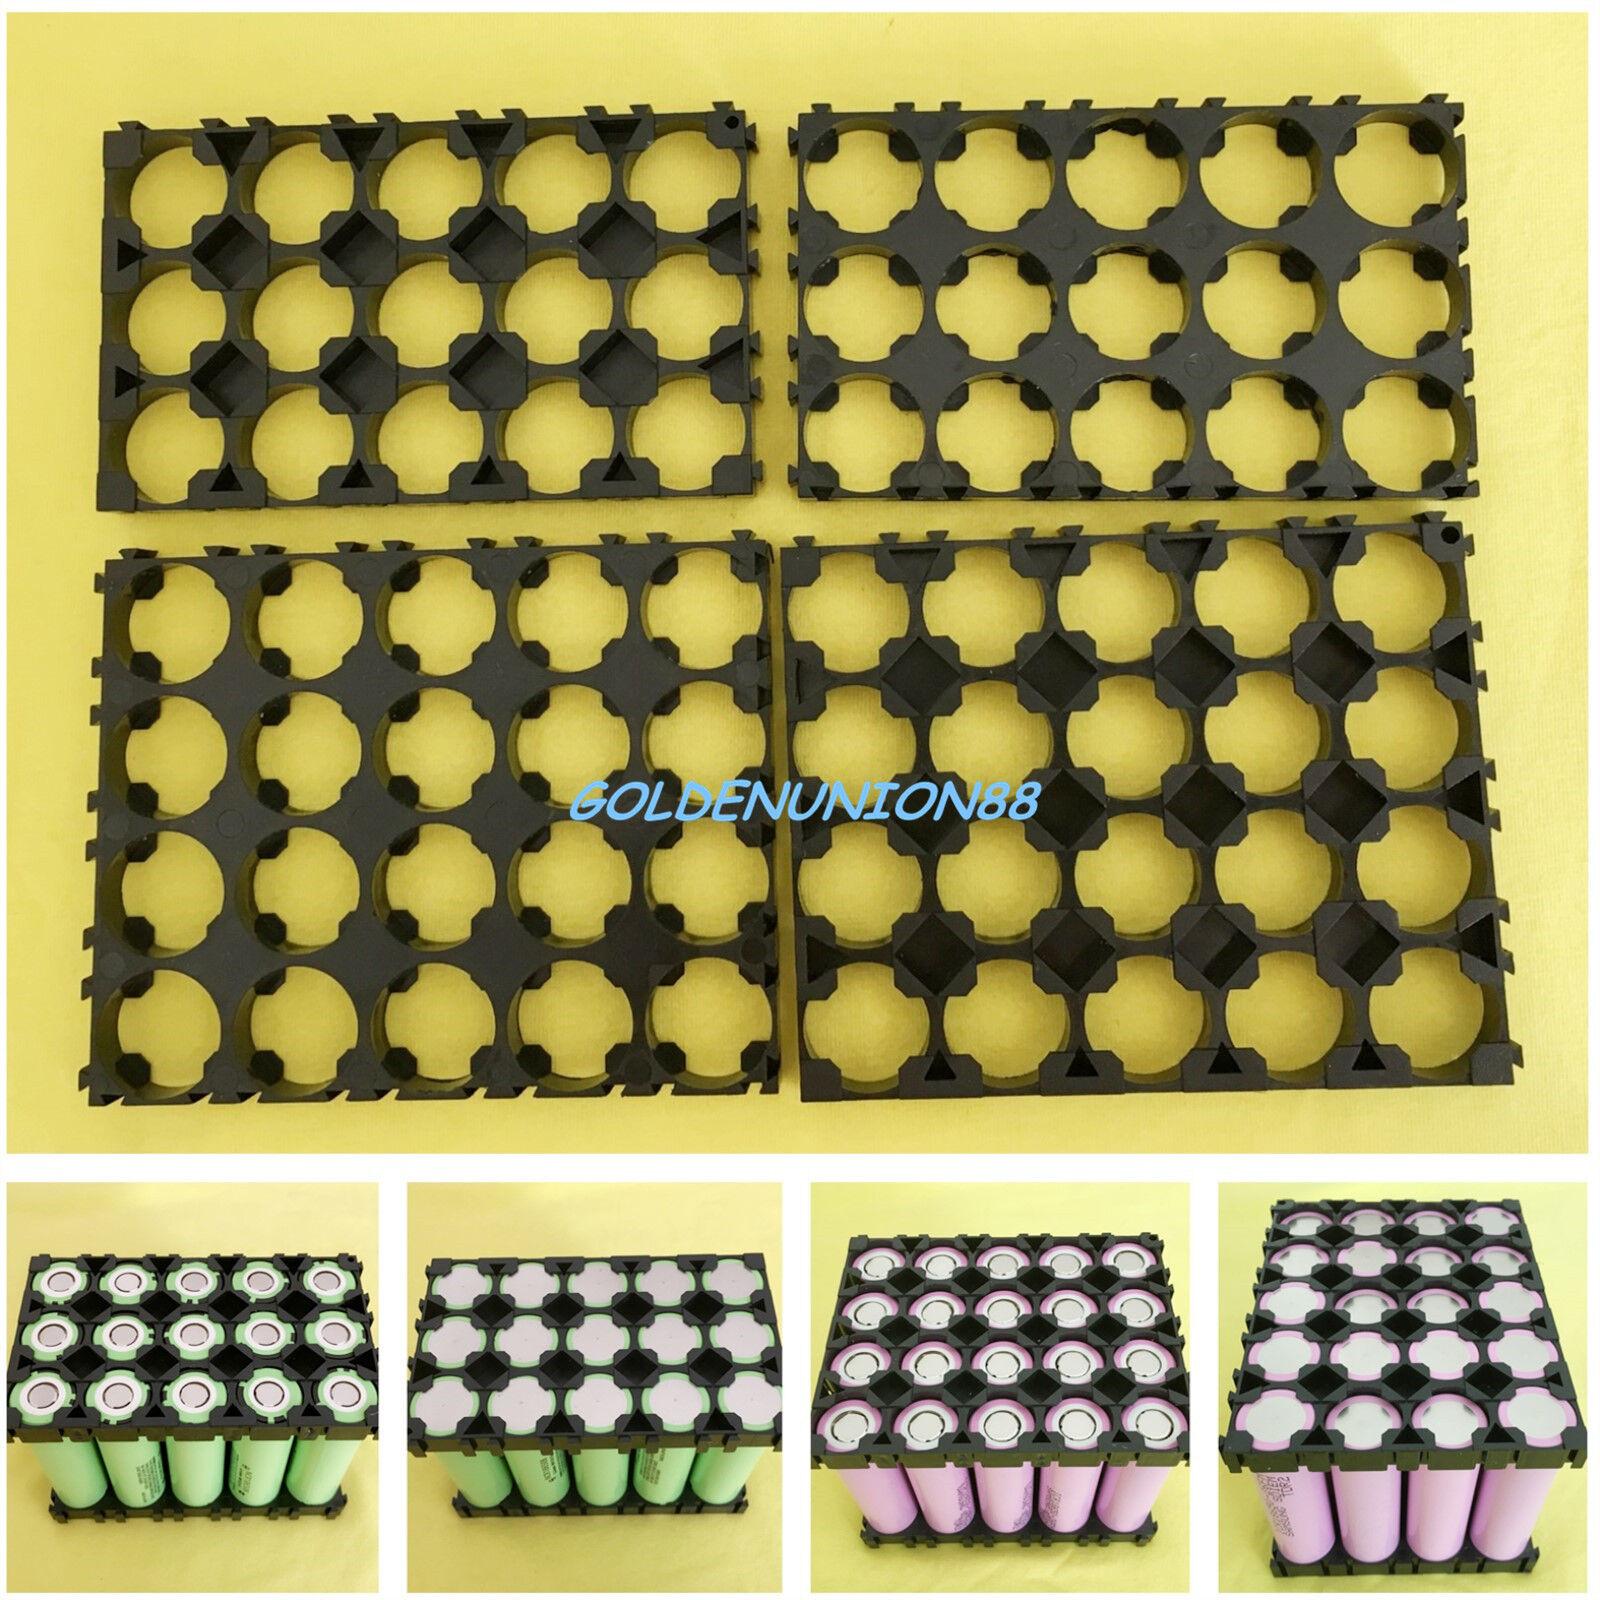 2PC 3X5 4X5 18650 18500 Spacer Frame Radiating Plastic Holder Bracket